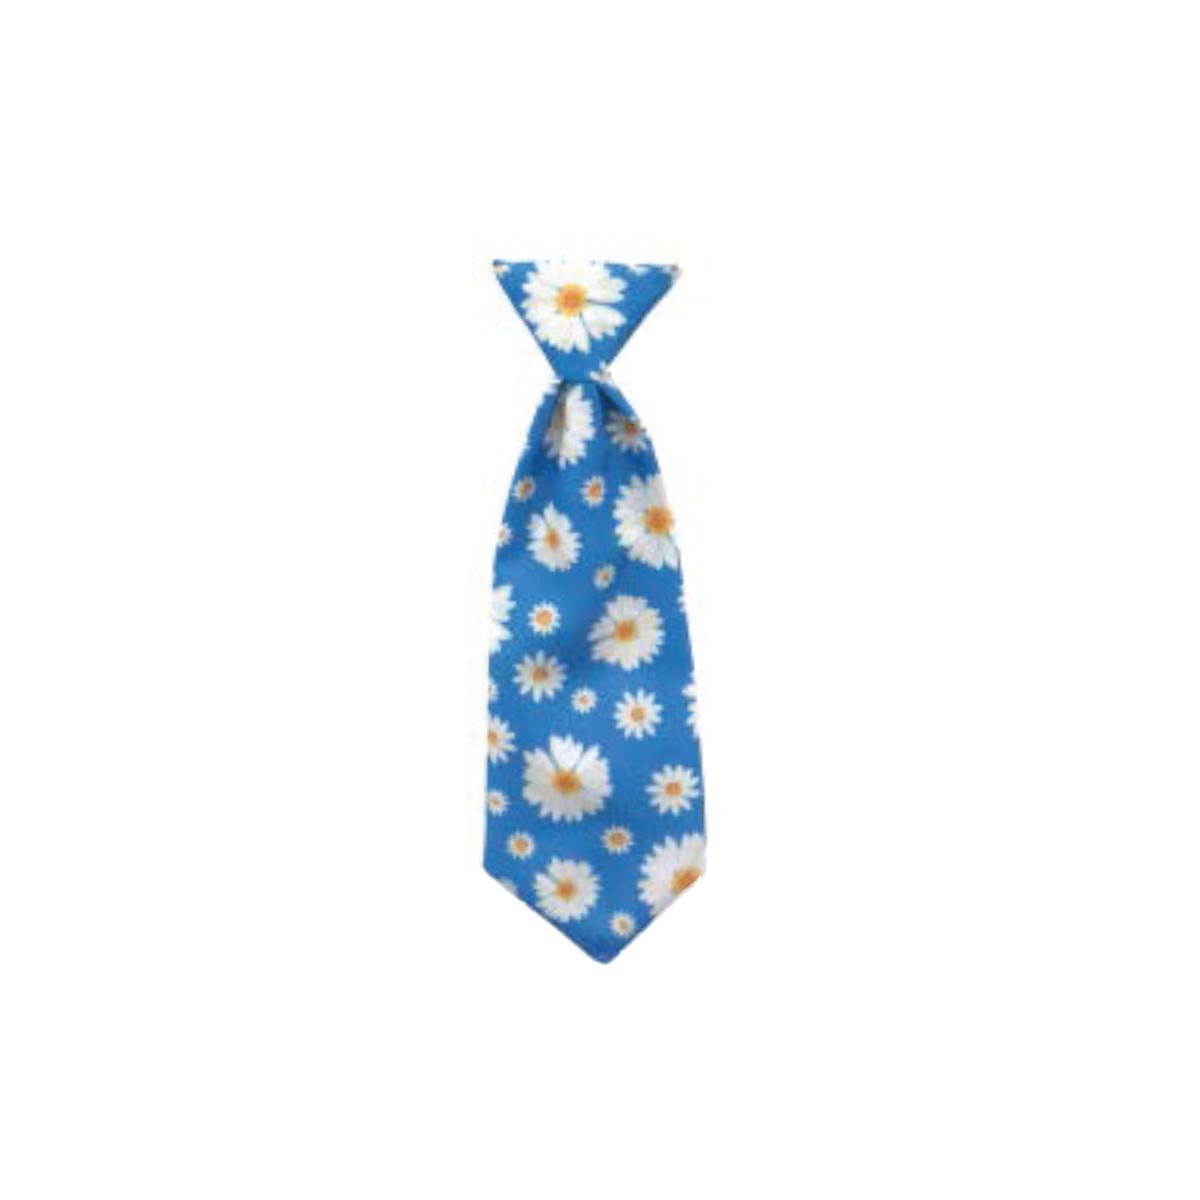 Flower tie.jpg